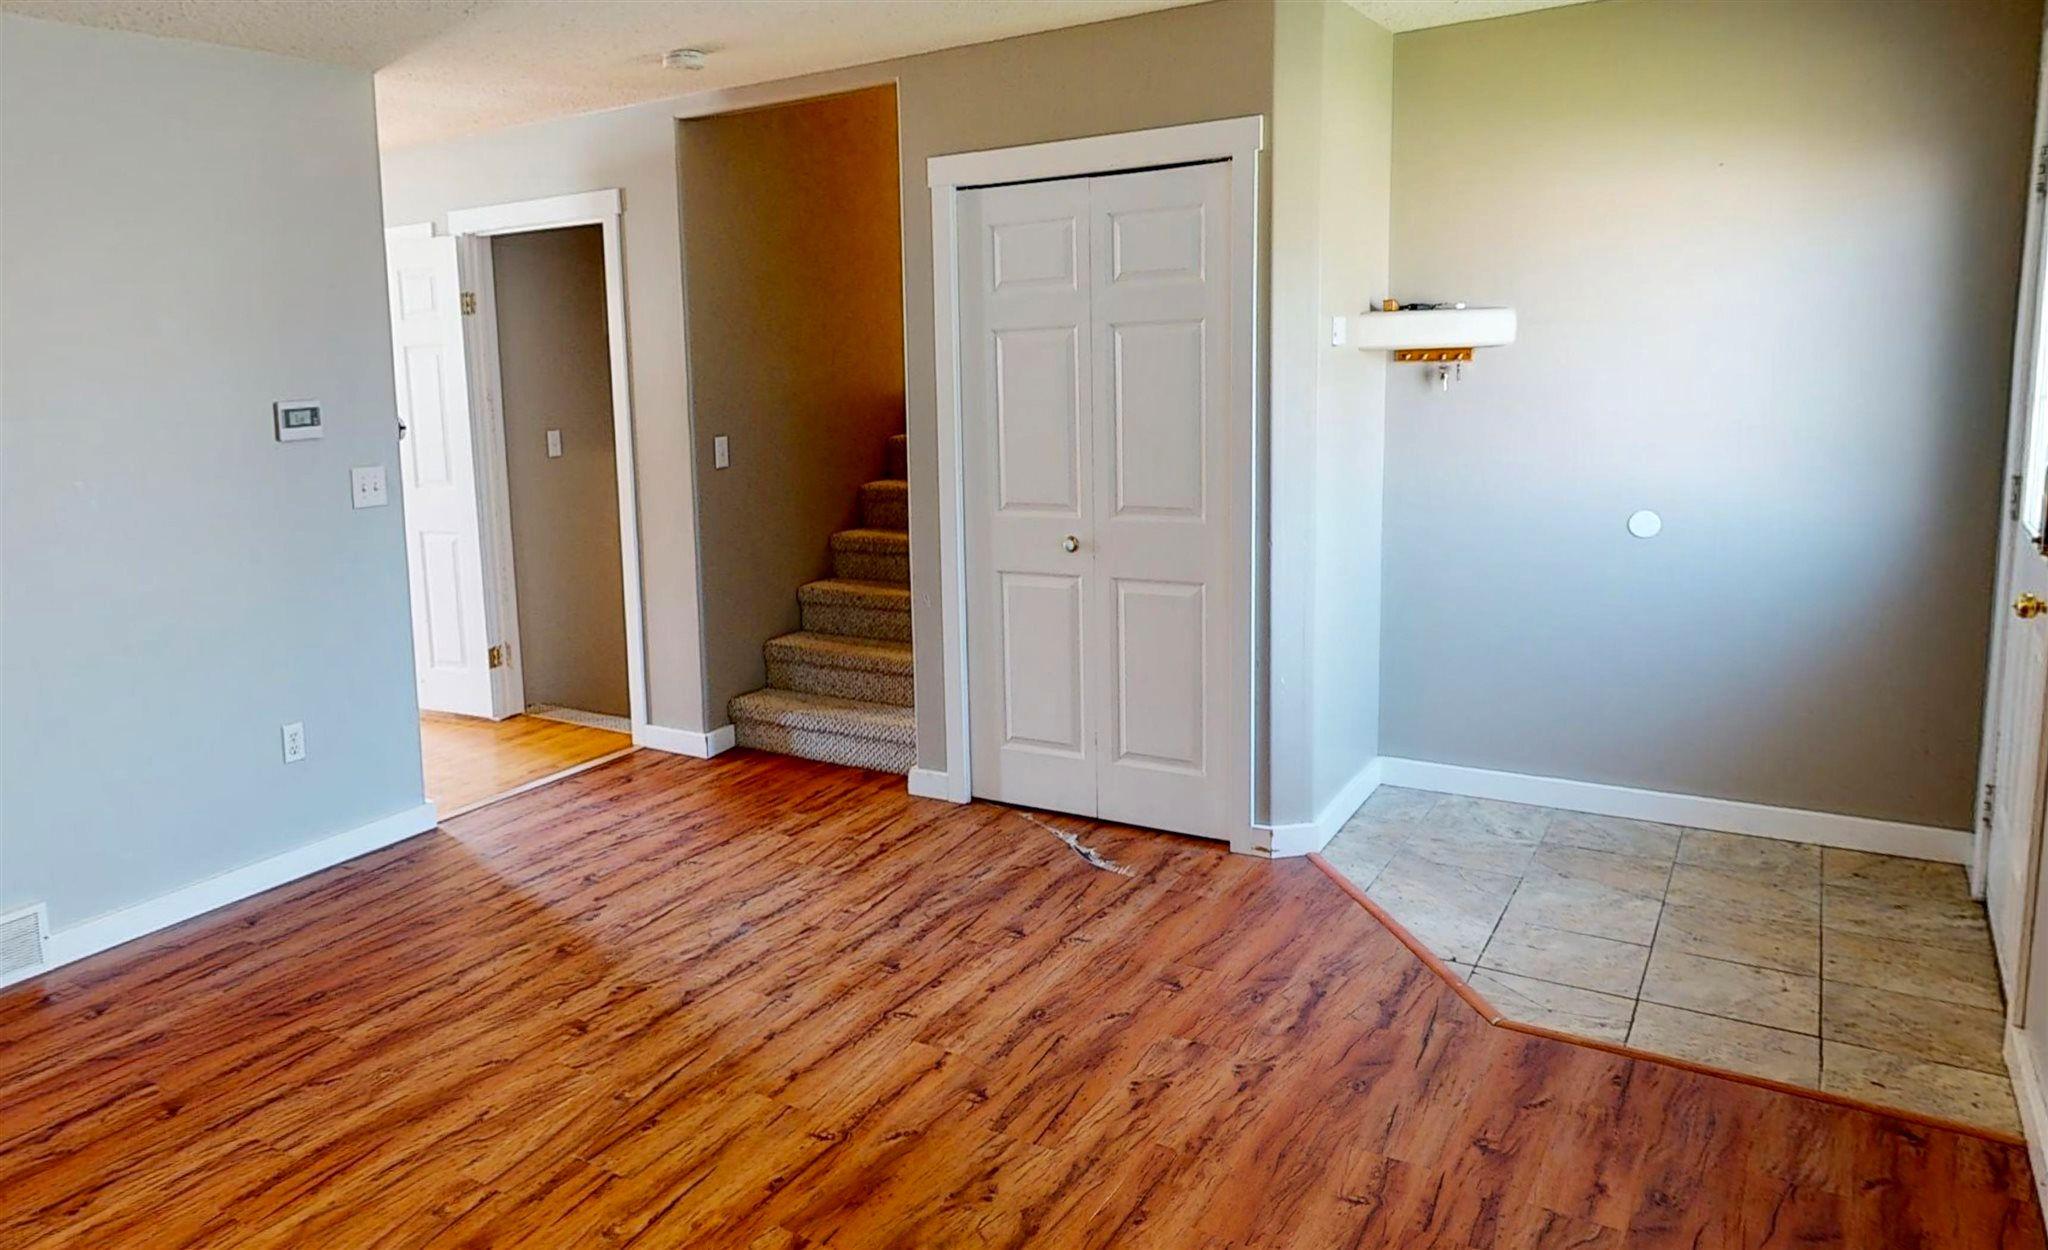 Photo 7: Photos: 10611 89 Street in Fort St. John: Fort St. John - City NE House for sale (Fort St. John (Zone 60))  : MLS®# R2602150